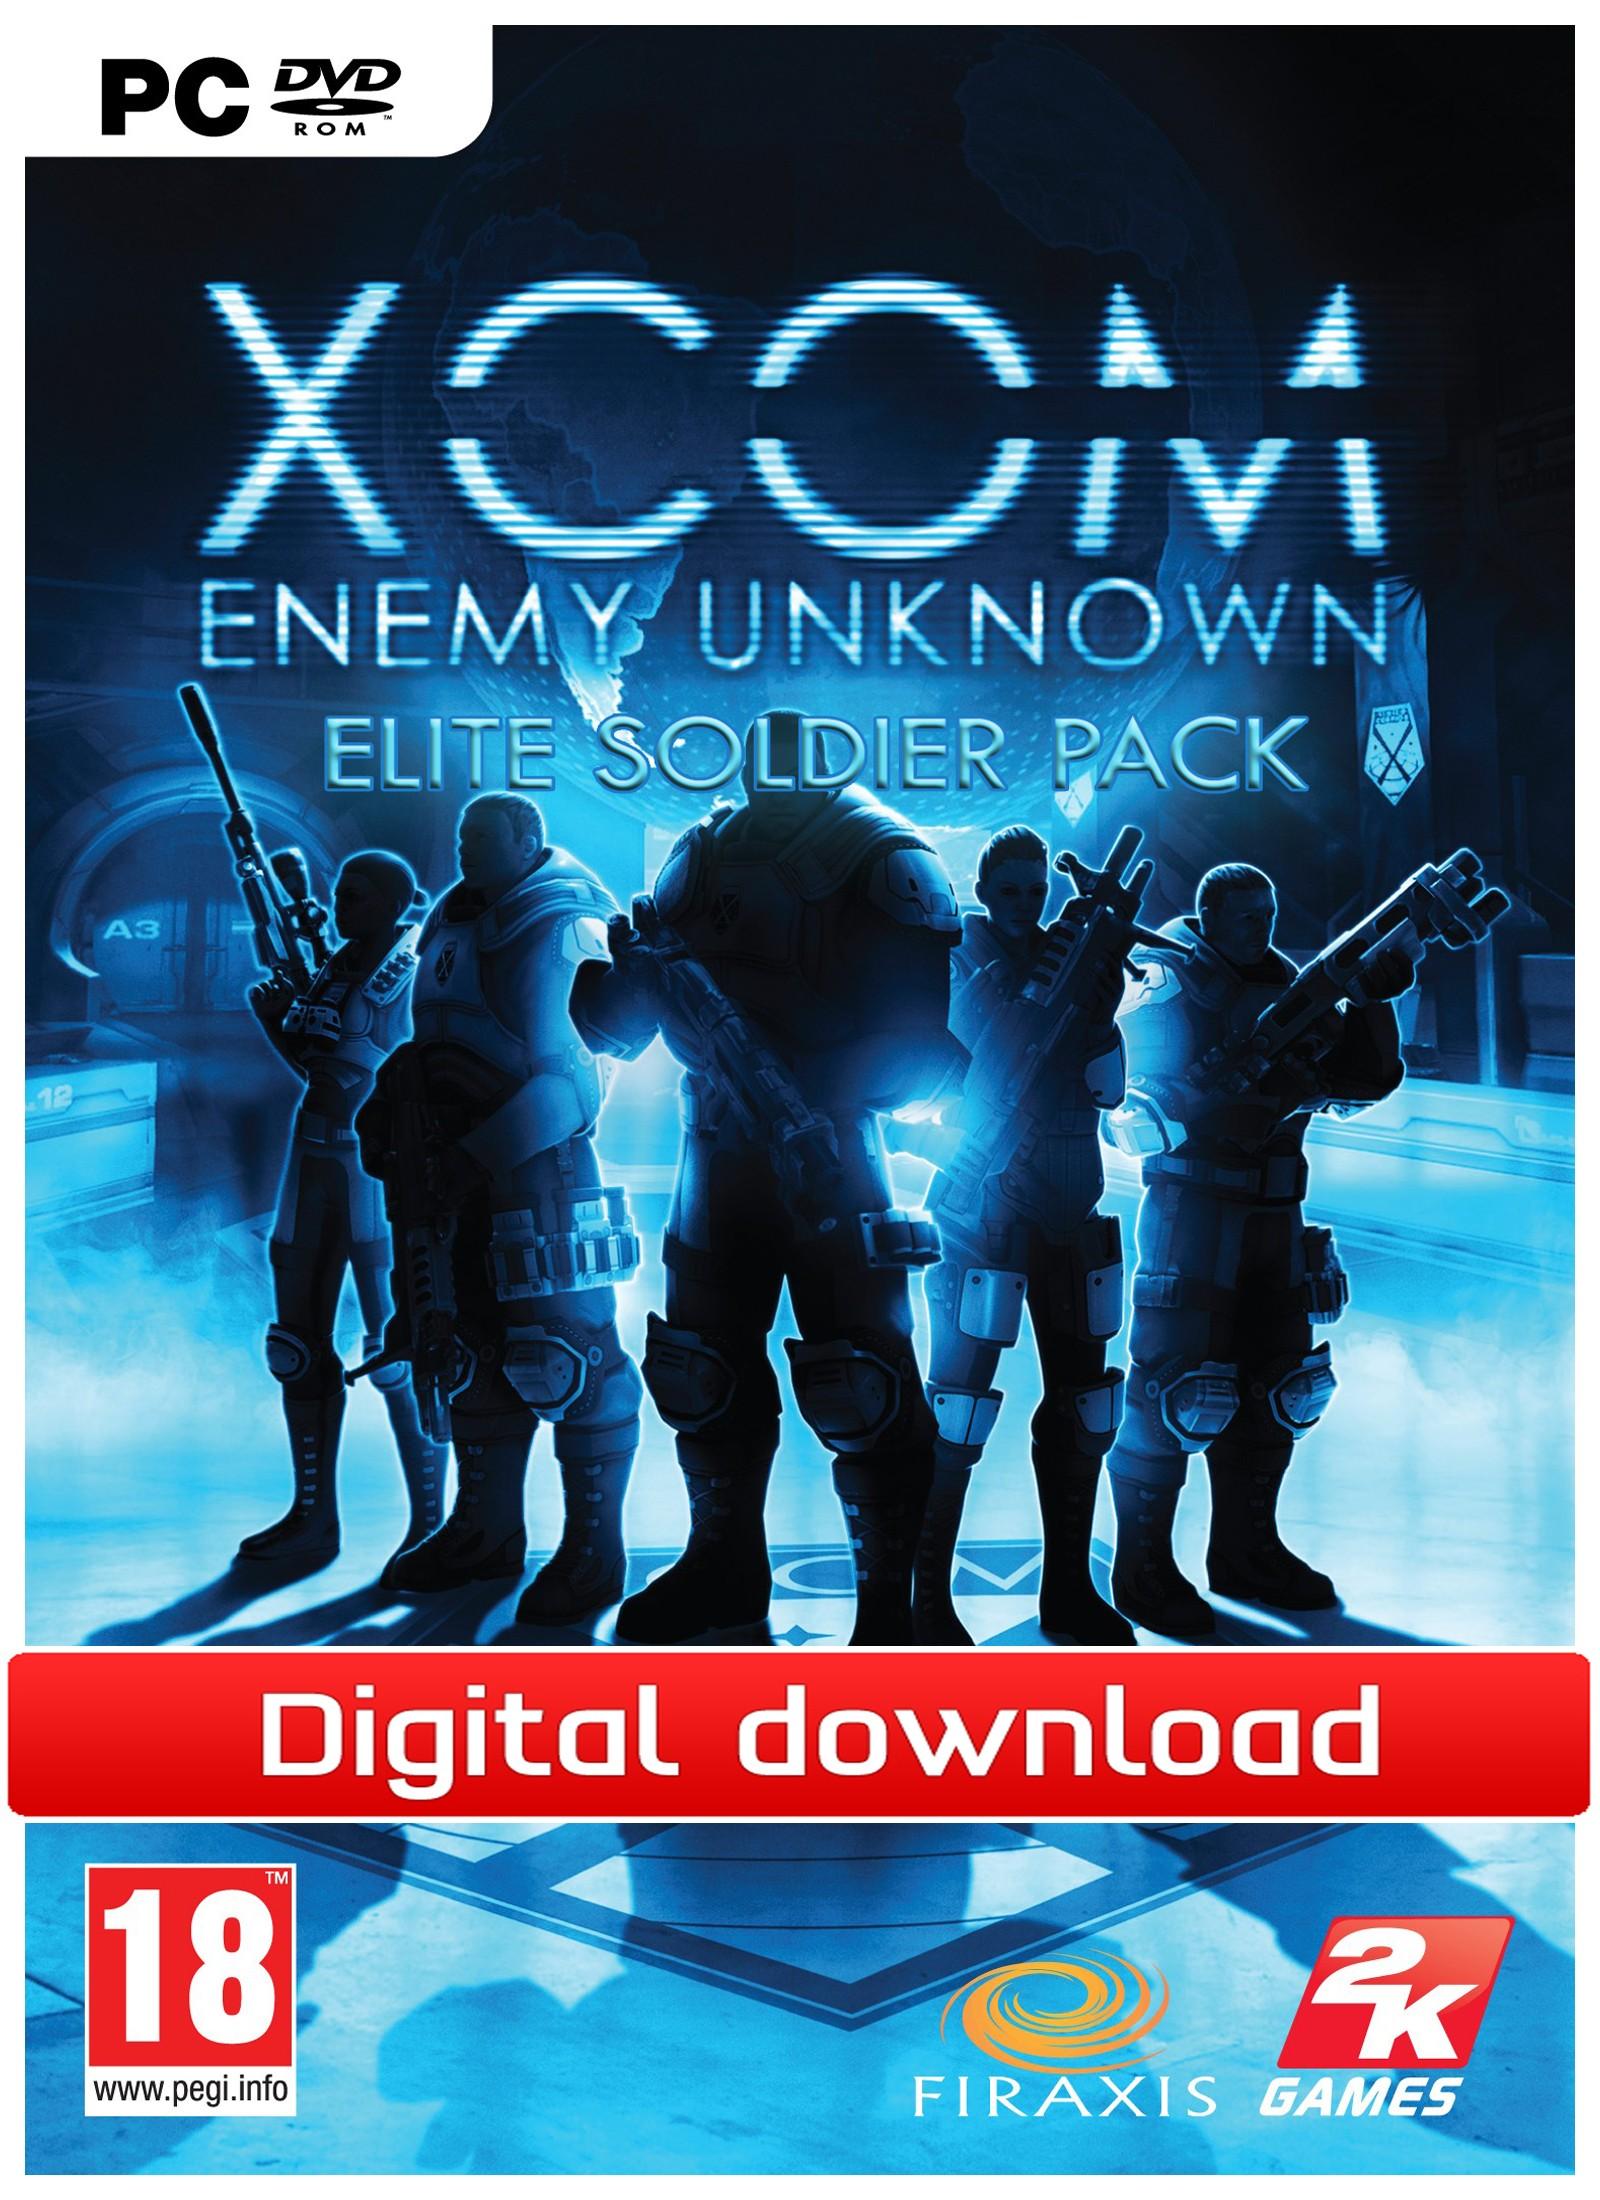 30717 : XCom: Enemy Unknown: Elite Soldier Pck (PC nedlastning)